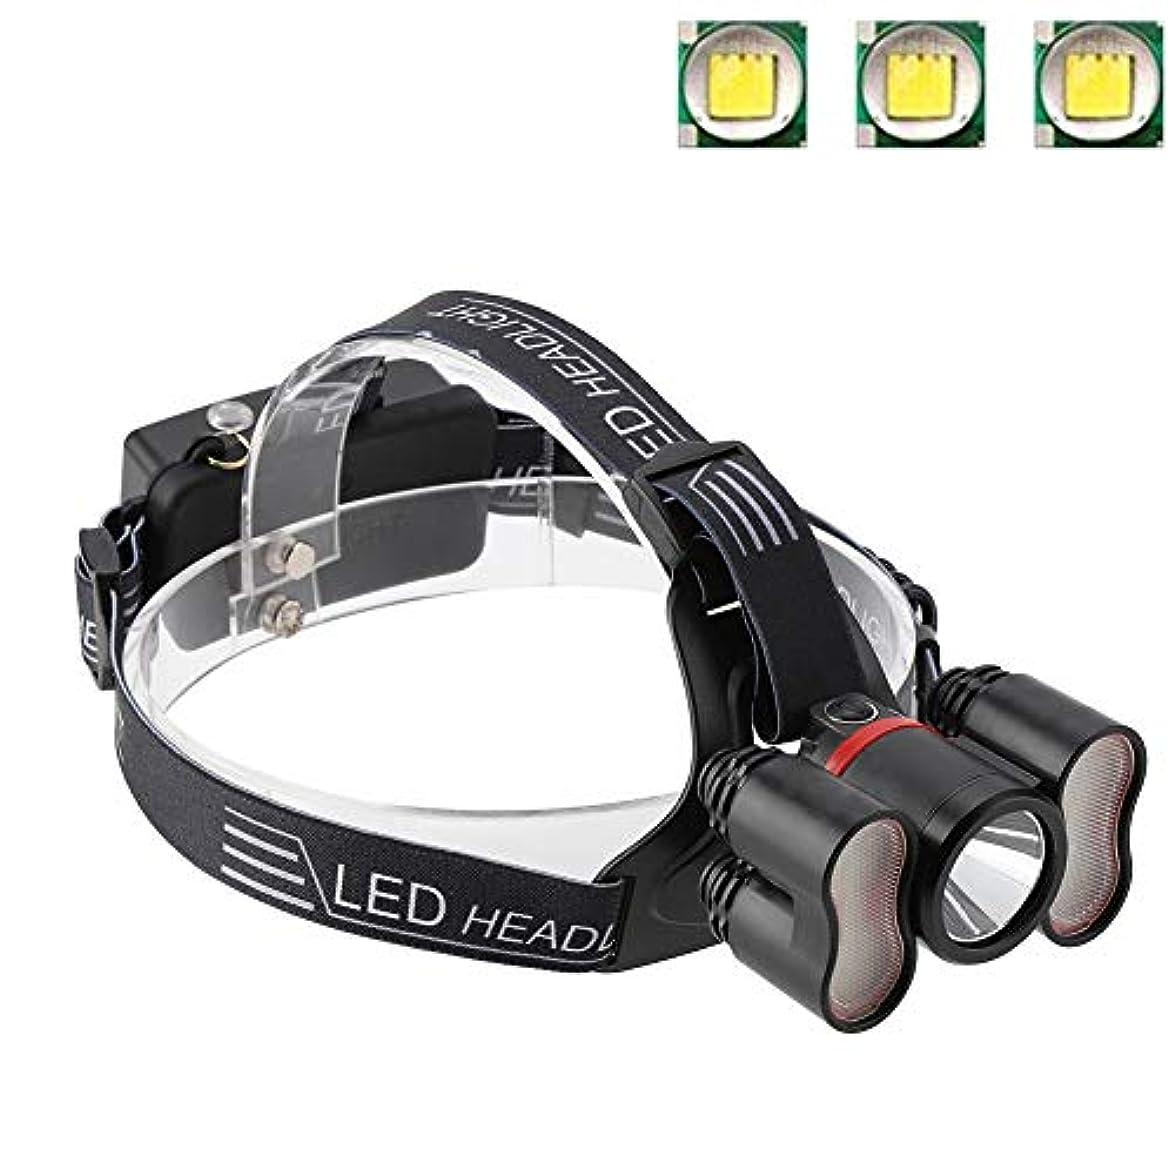 怠けた先史時代の絶望的なヘッドライト懐中電灯、2000LMヘッドライト18650 LED USB充電式防水トラベルヘッドトーチキャンプランプランニングハイキング釣りに適して(#1)